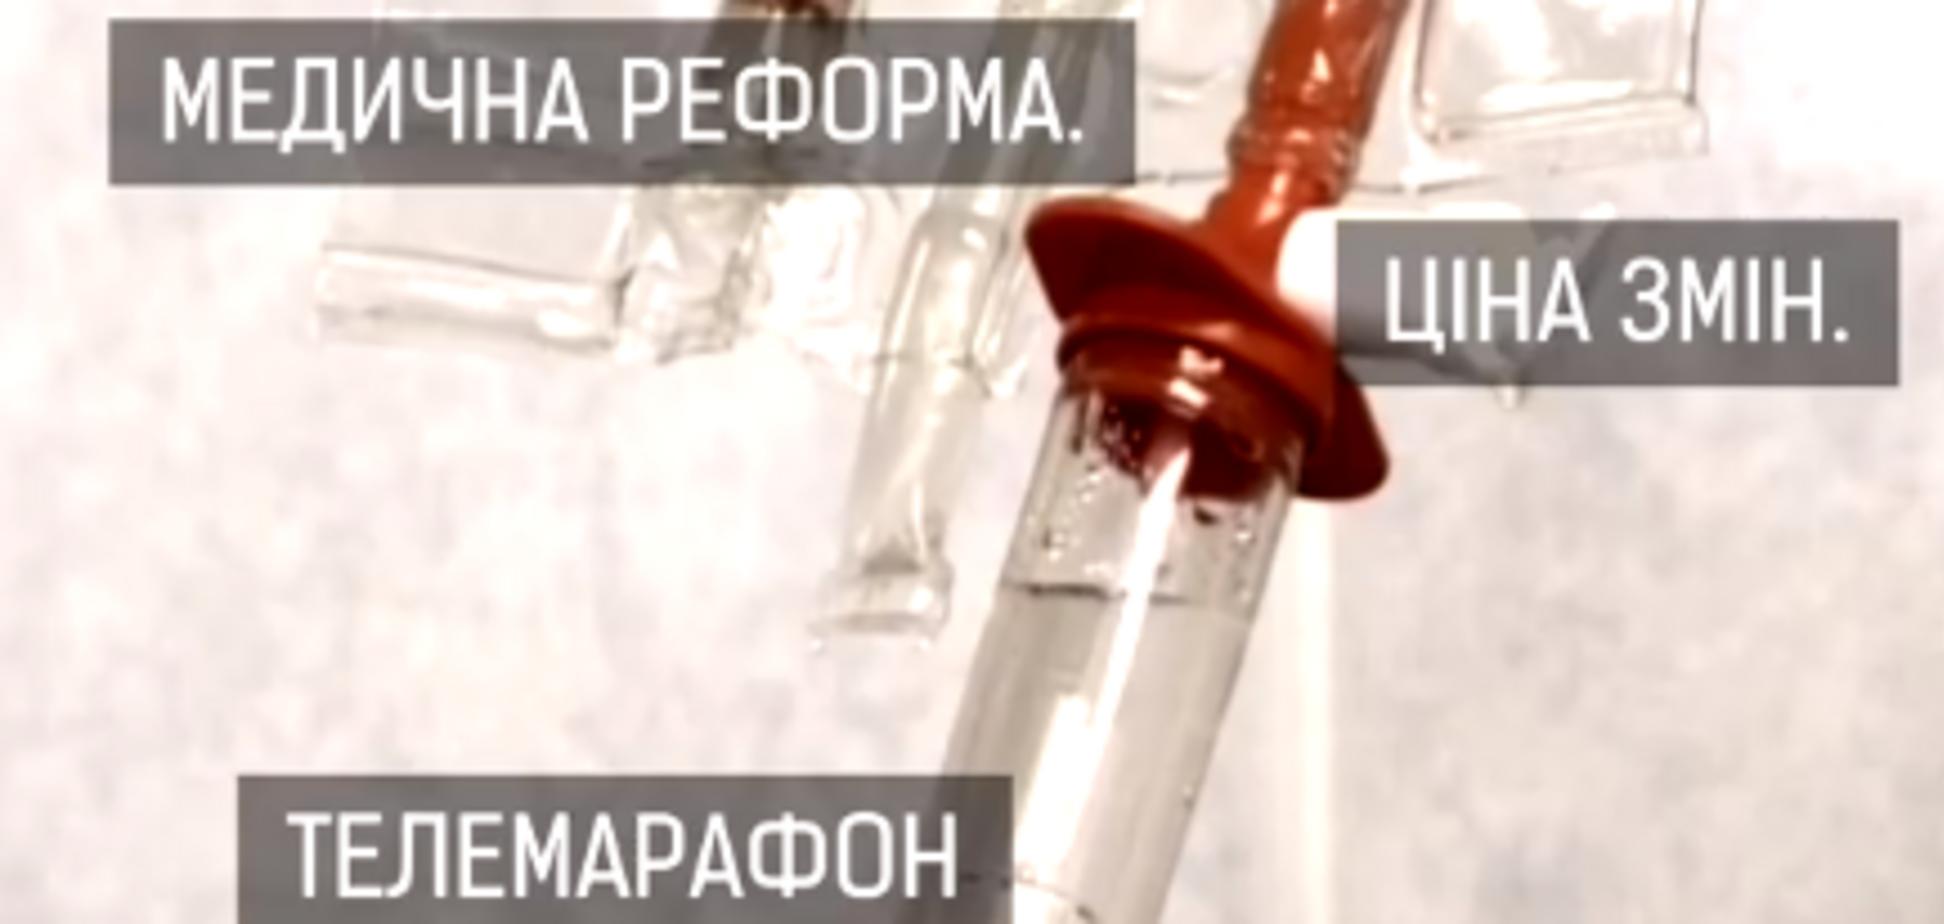 'Медична реформа. Ціна змін': телемарафон OBOZ TV